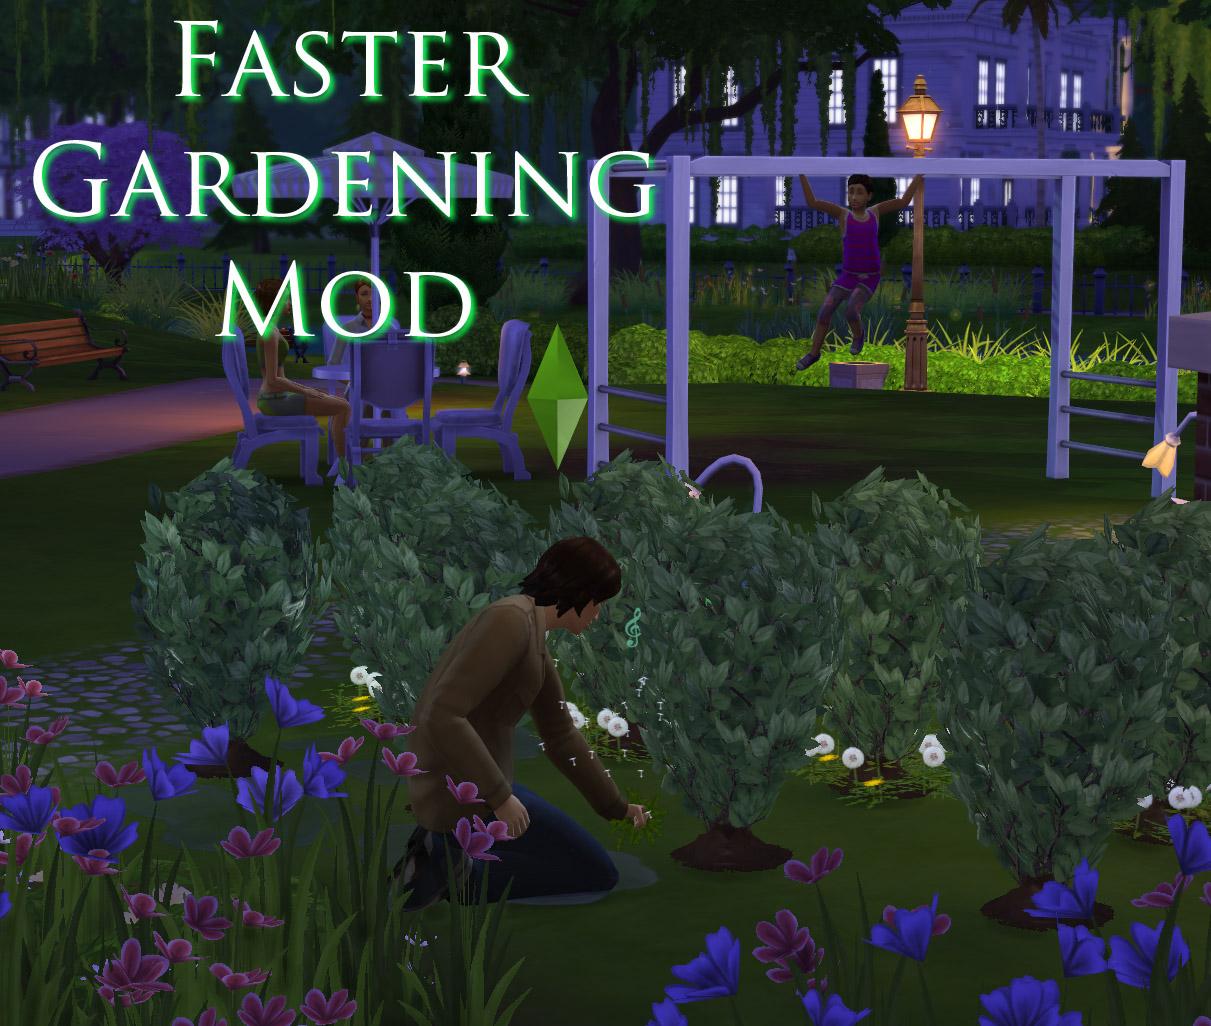 模拟人生4提升园丁任务效率